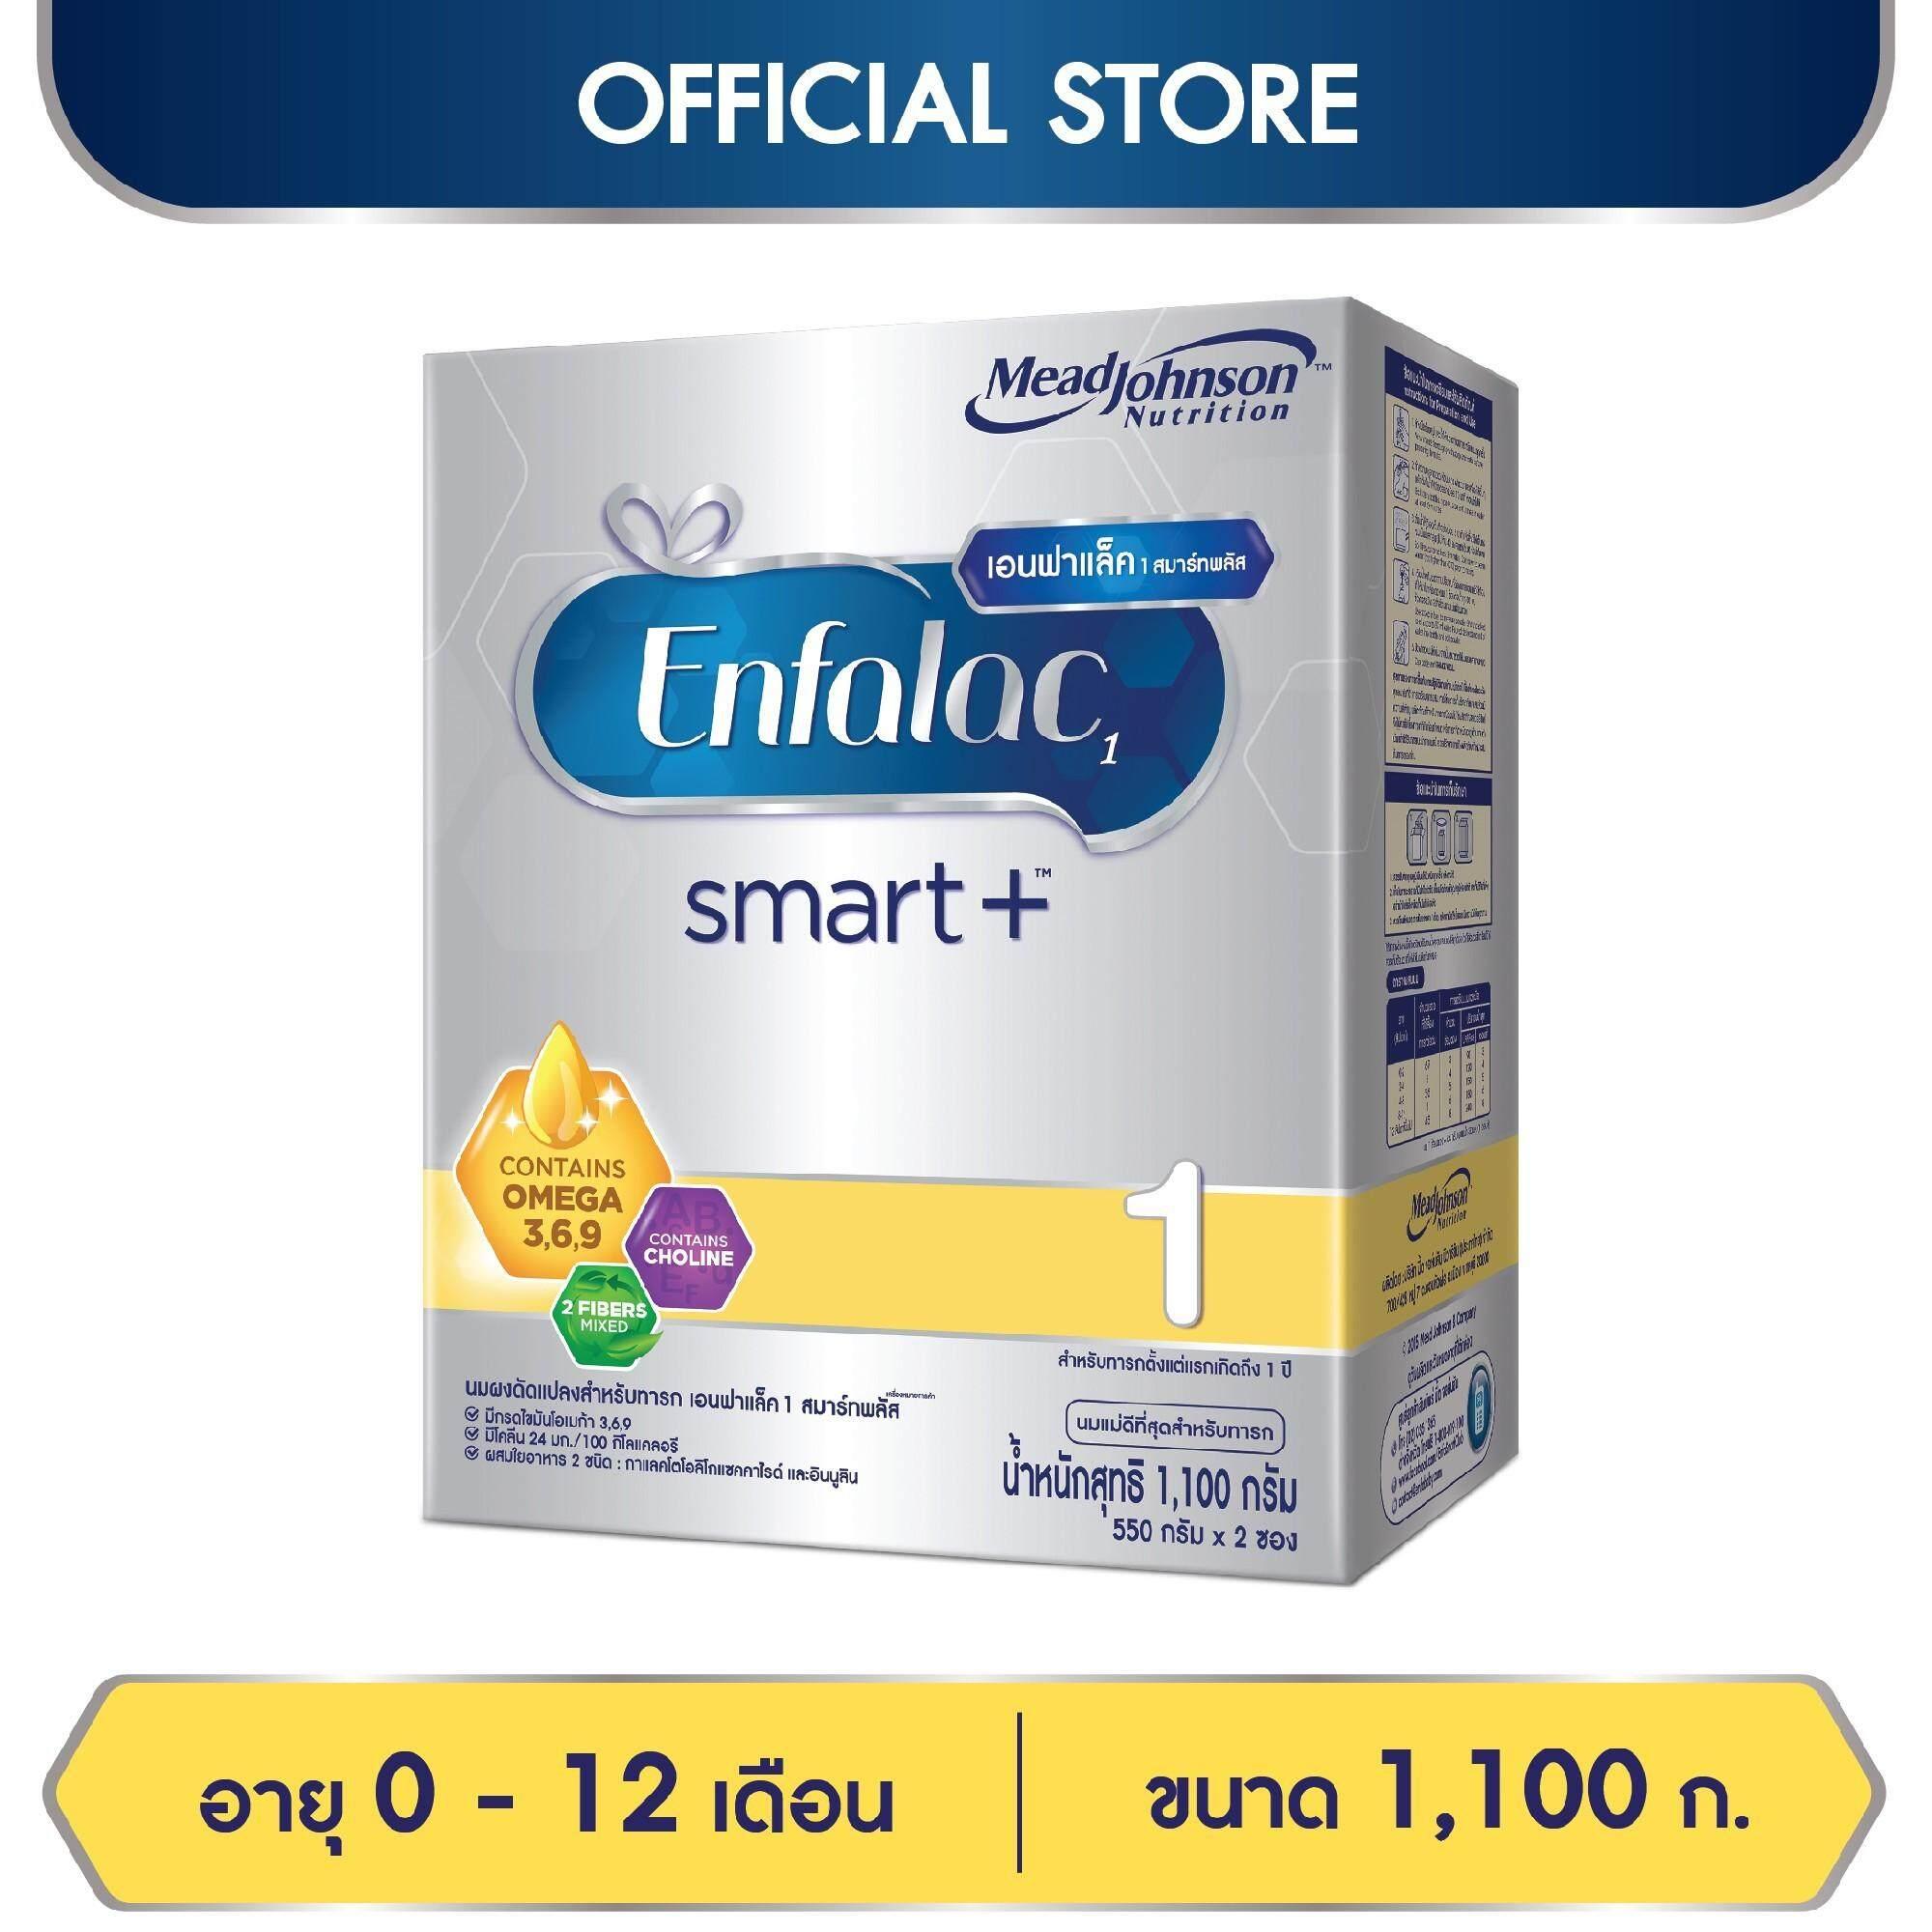 ราคาถูก นมผง Enfalac เอนฟาแล็ค สมาร์ทพลัส สูตร 1 สำหรับ ทารก เด็กแรกเกิด เด็กเล็ก 1100 กรัม ลดราคา ของแท้